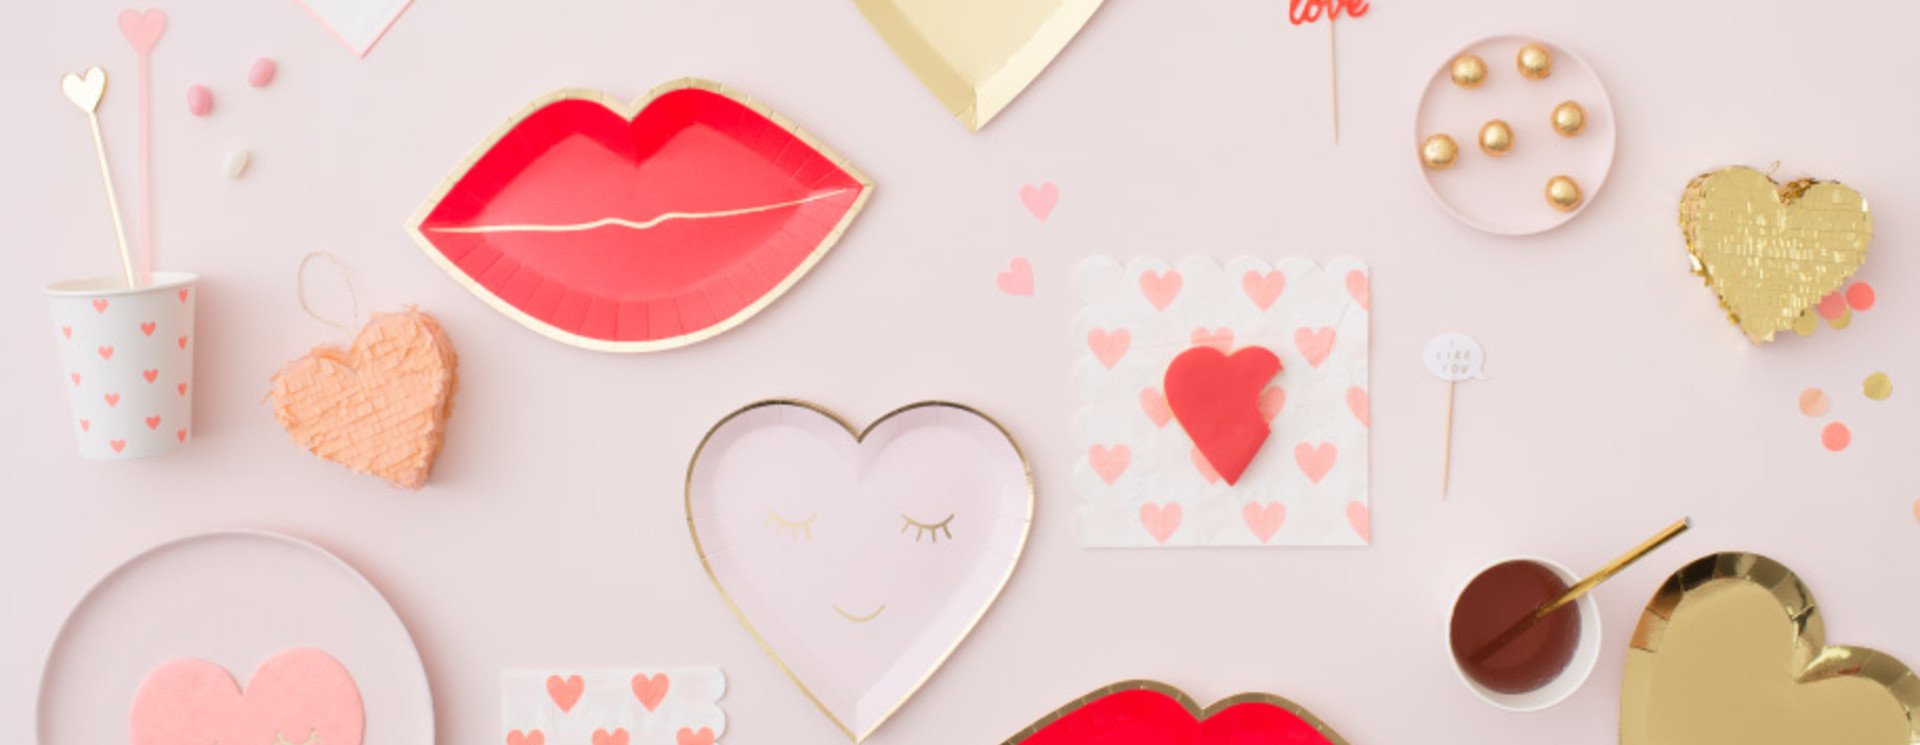 Valentijns decoratie voor de mooiste Valentijnsdag